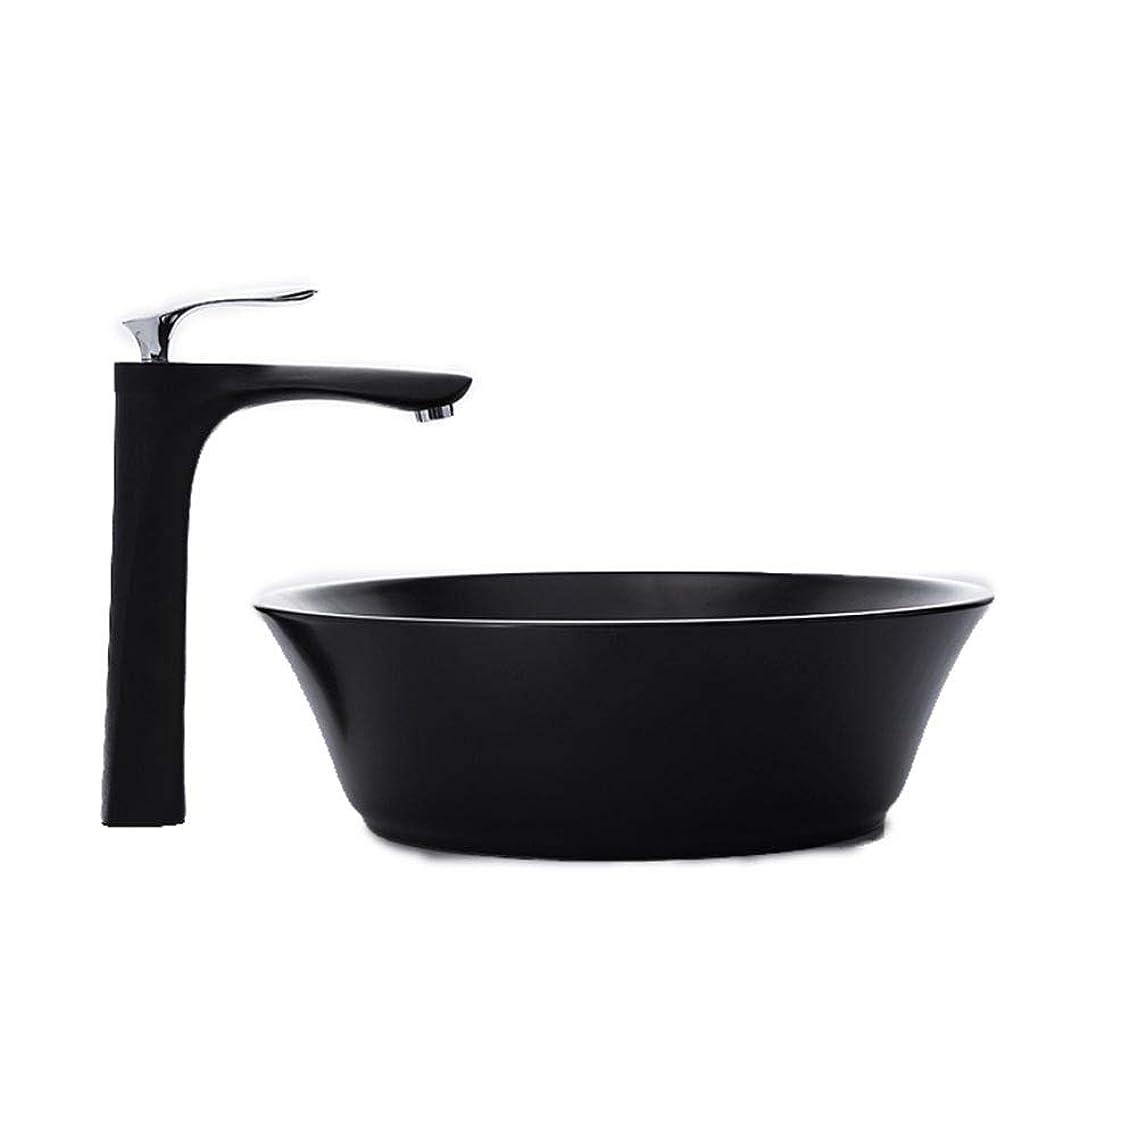 ムスタチオ不条理めったに現代 手洗い器 現代のラウンド磁器トイレ洗面所キッチンクロークについては、上記カウンターマットブラックセラミックバス容器シンク 洗面用 (Color : Black, Size : 42x42x13cm)